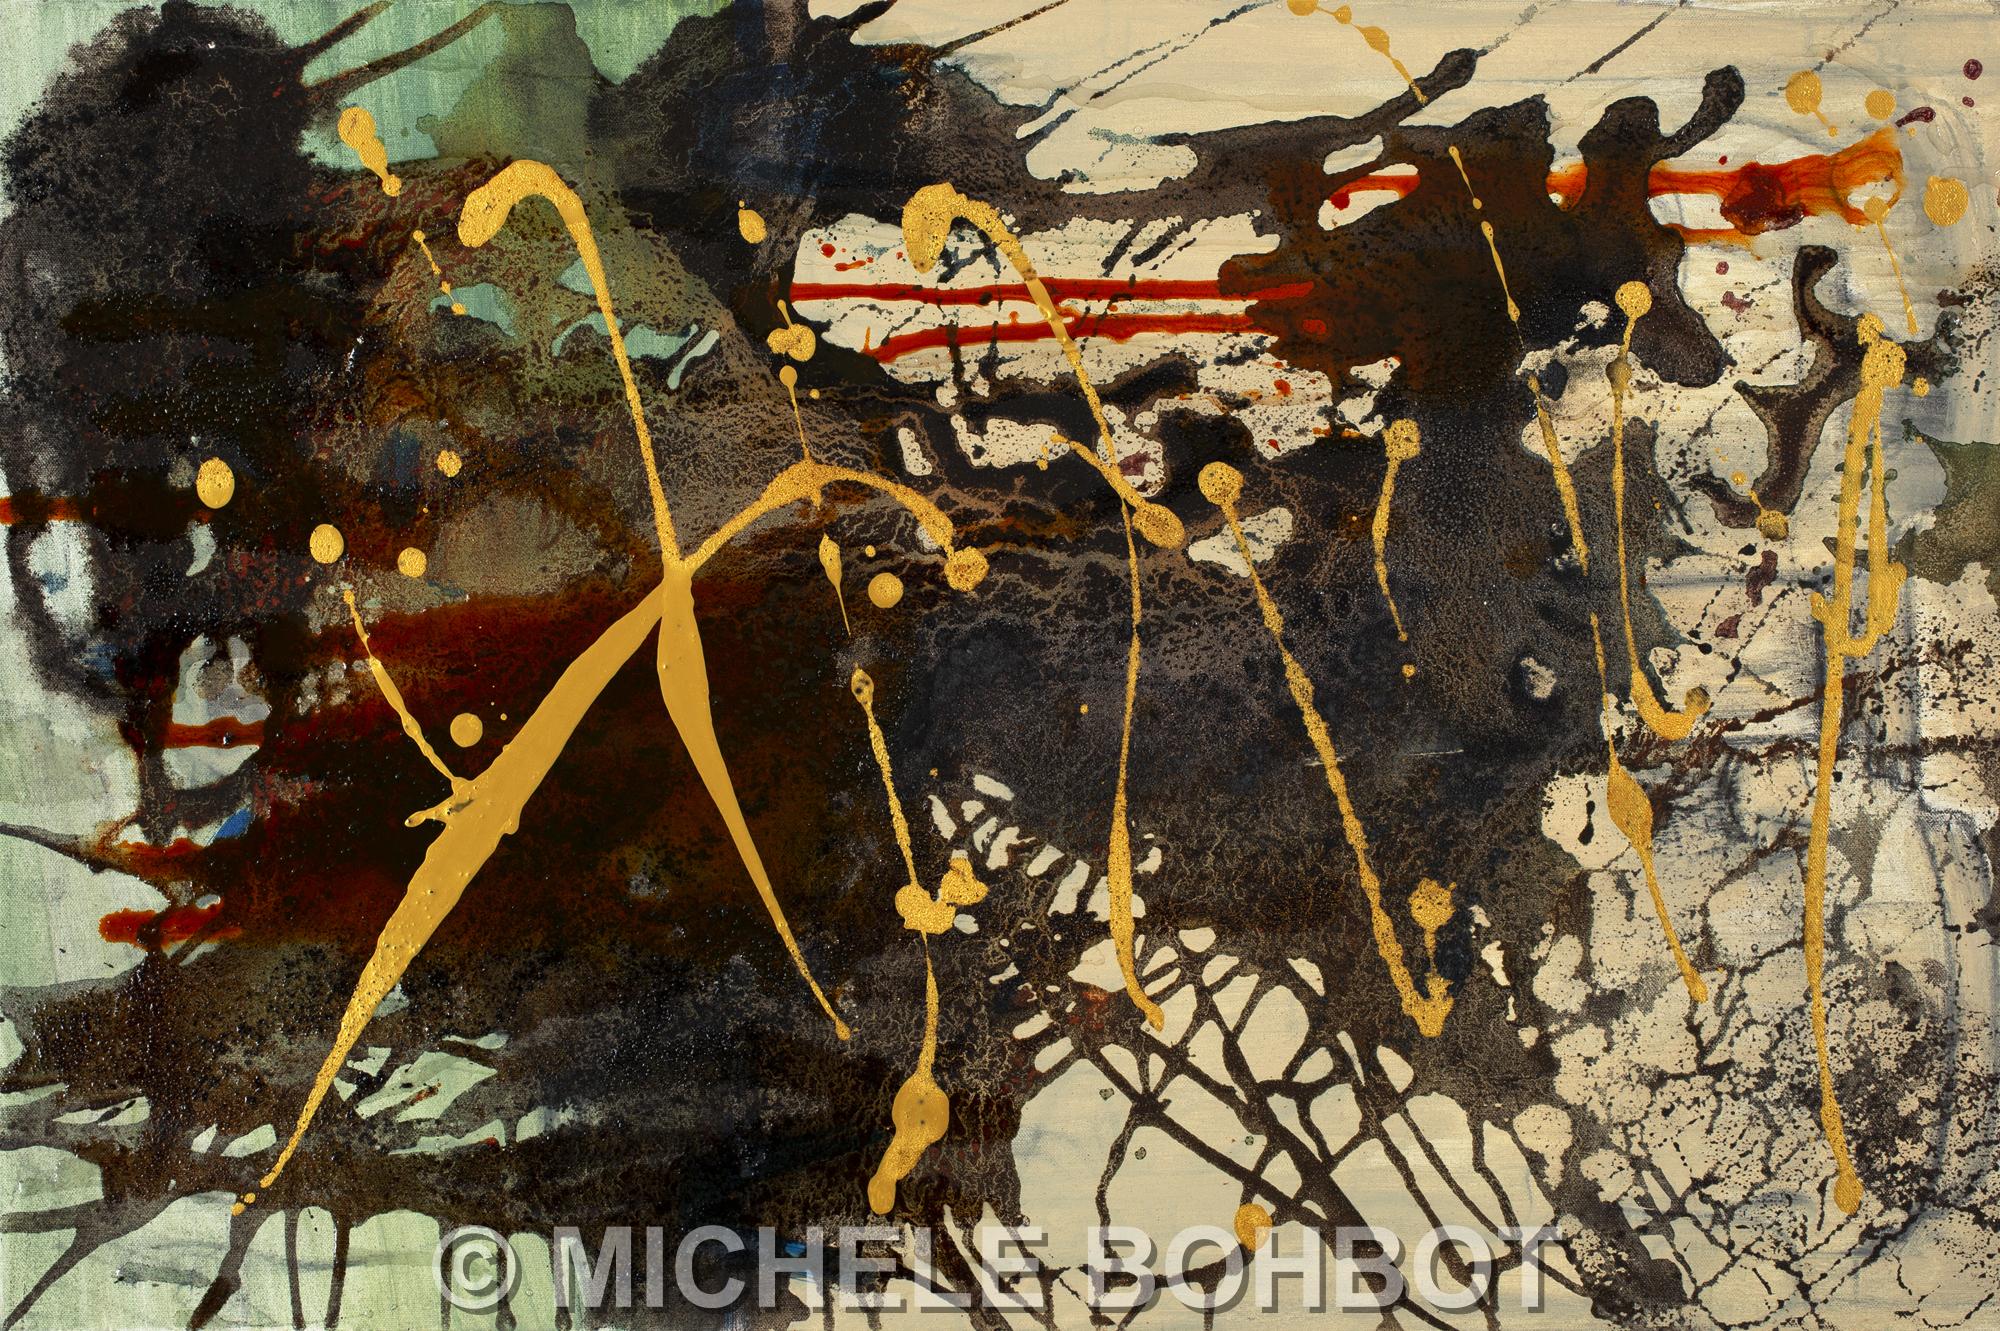 Michele A. Bohbot (4-13-19)_16_lg-ed2-1-a.jpg